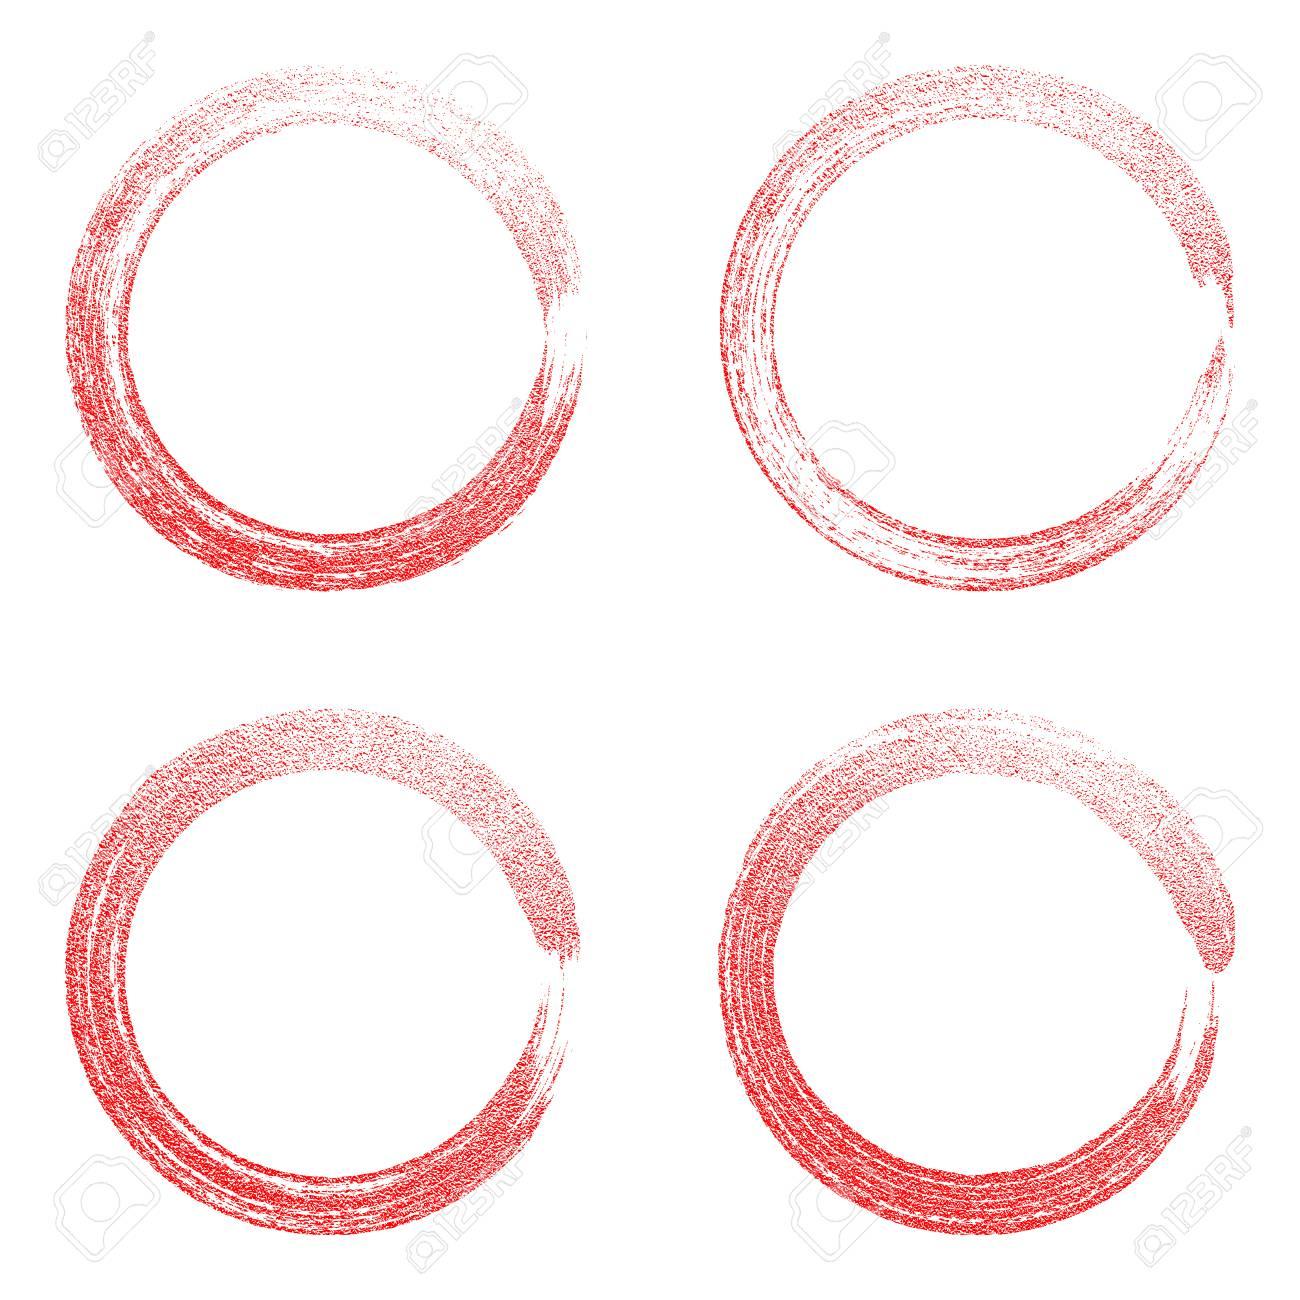 白地に赤い丸のグランジ  フレーム。円高級ビンテージ国境、ラベル、ロゴのデザイン要素。手には、図形のベクトル図が描かれました。ブラシの抽象的な波。アイコンを設定します。